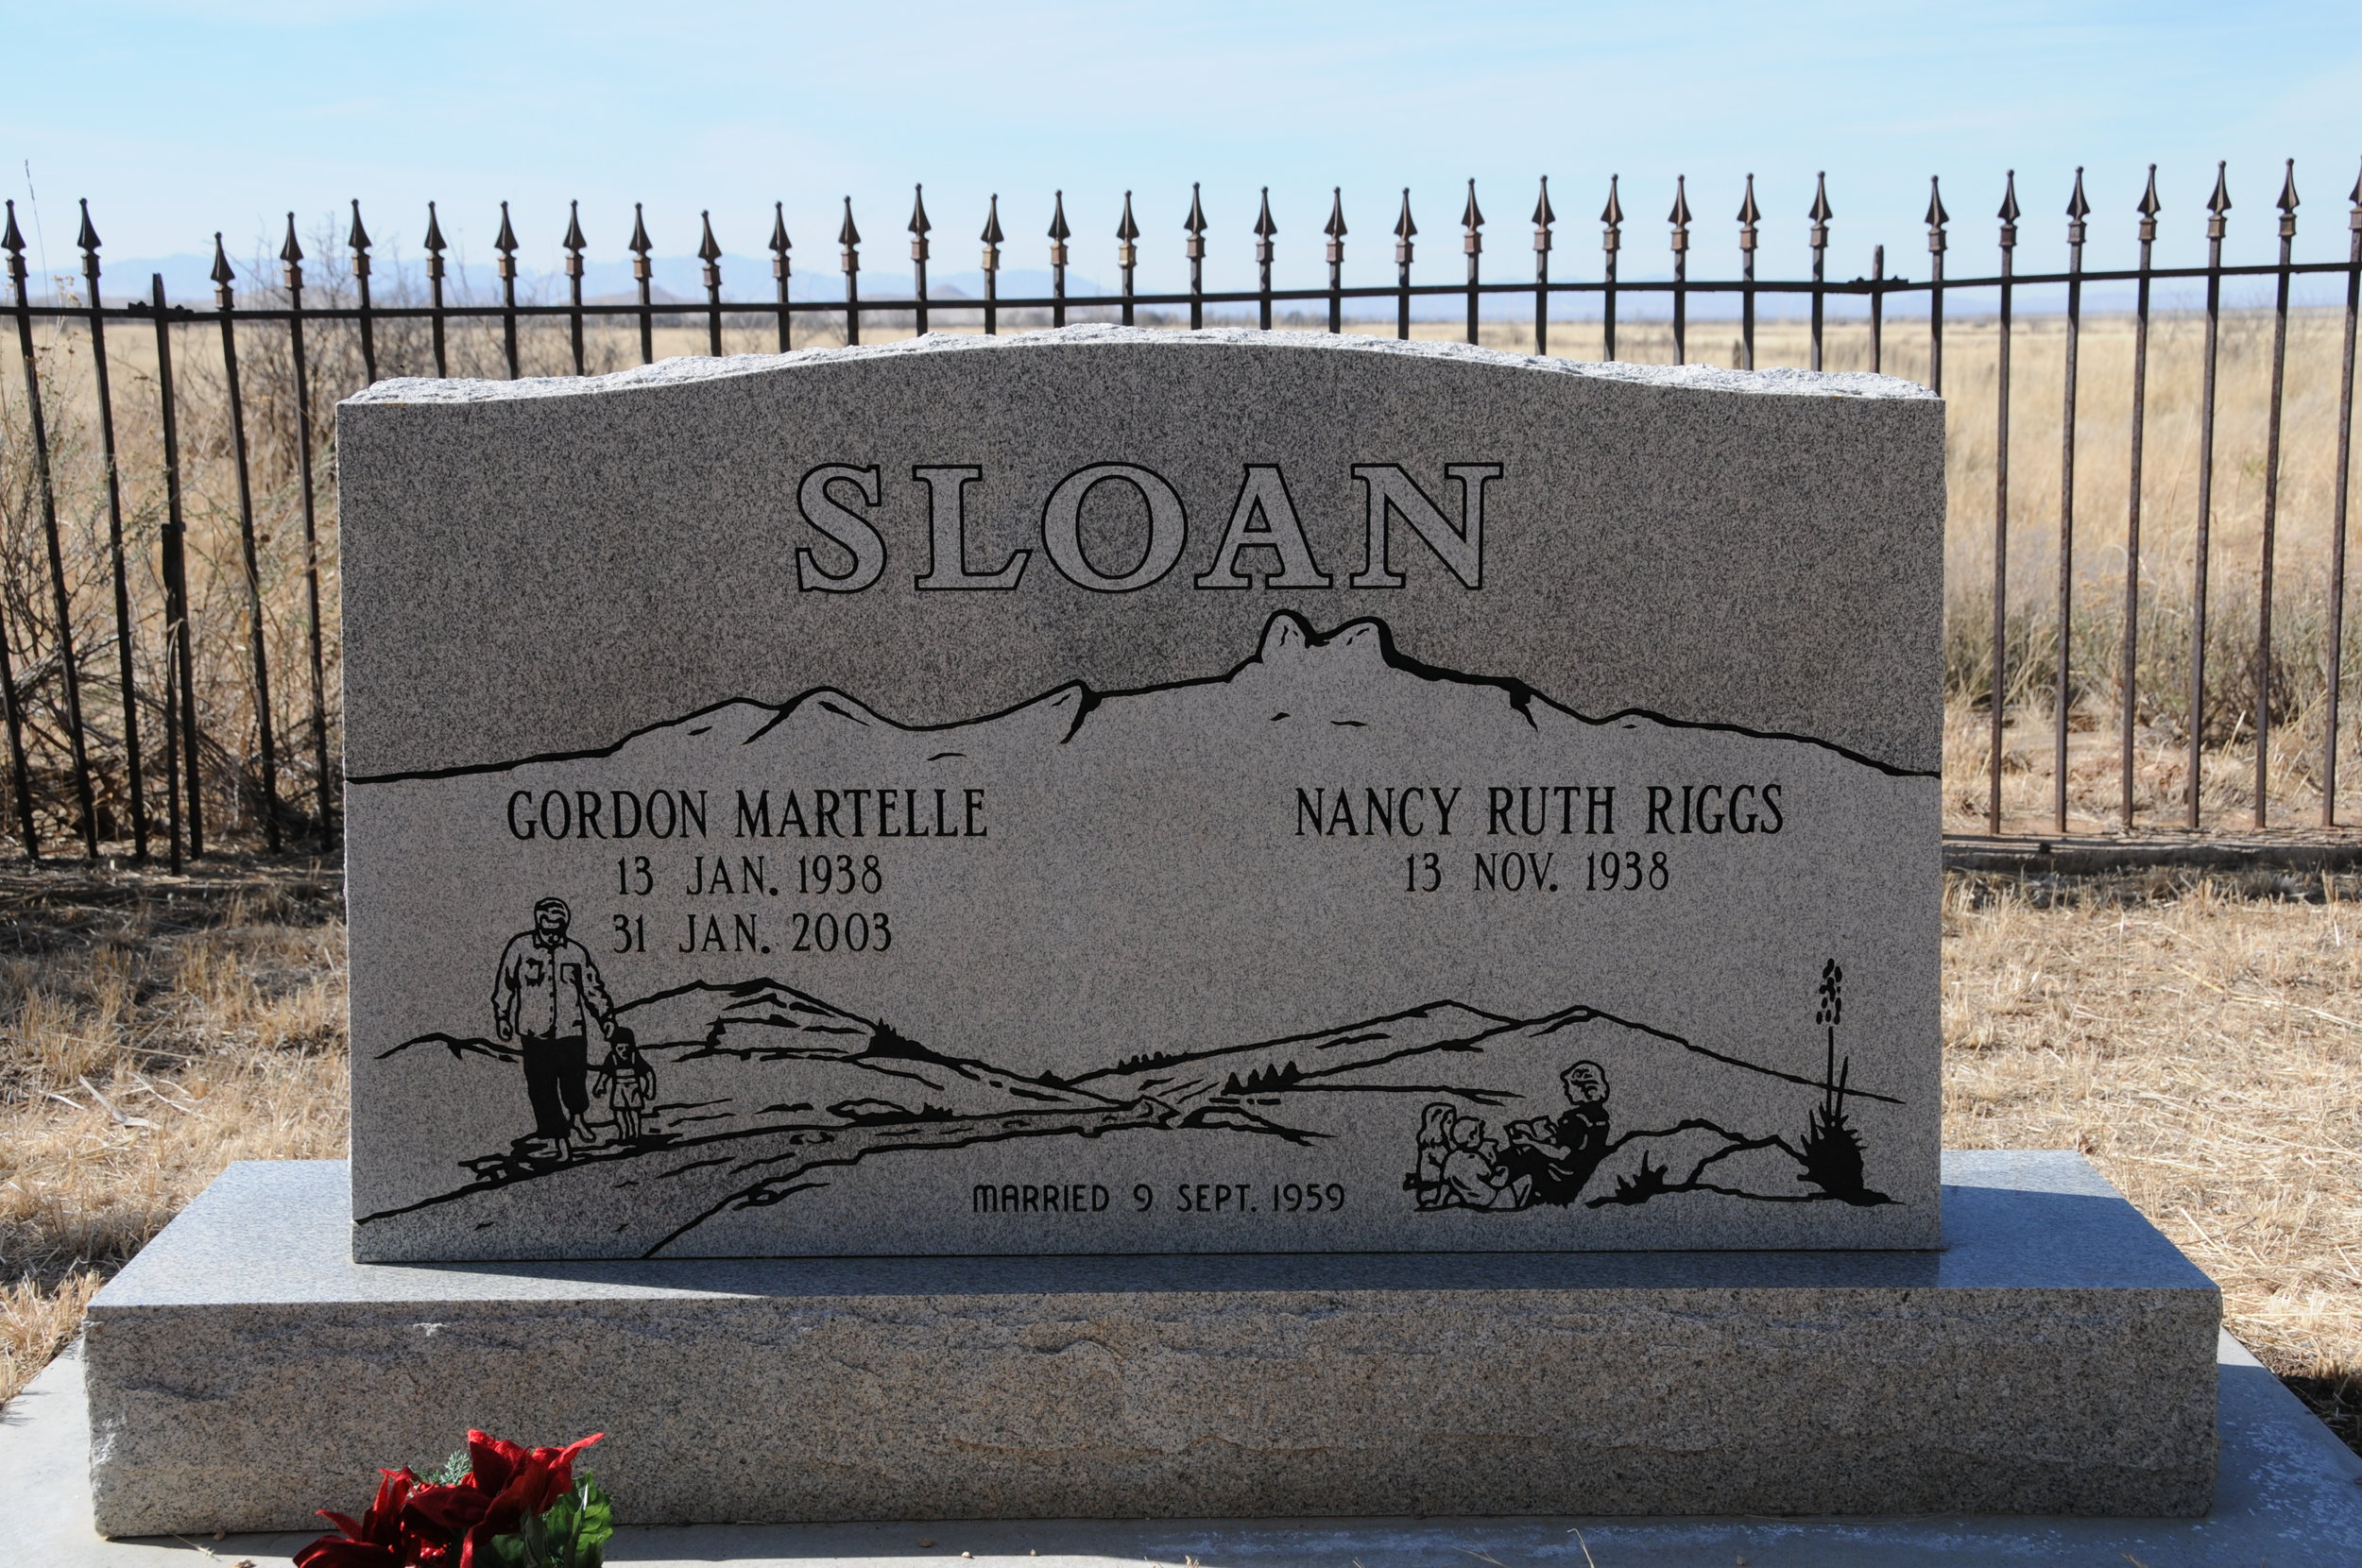 10a GORDON & NANCY (RIGGS) SLOAN